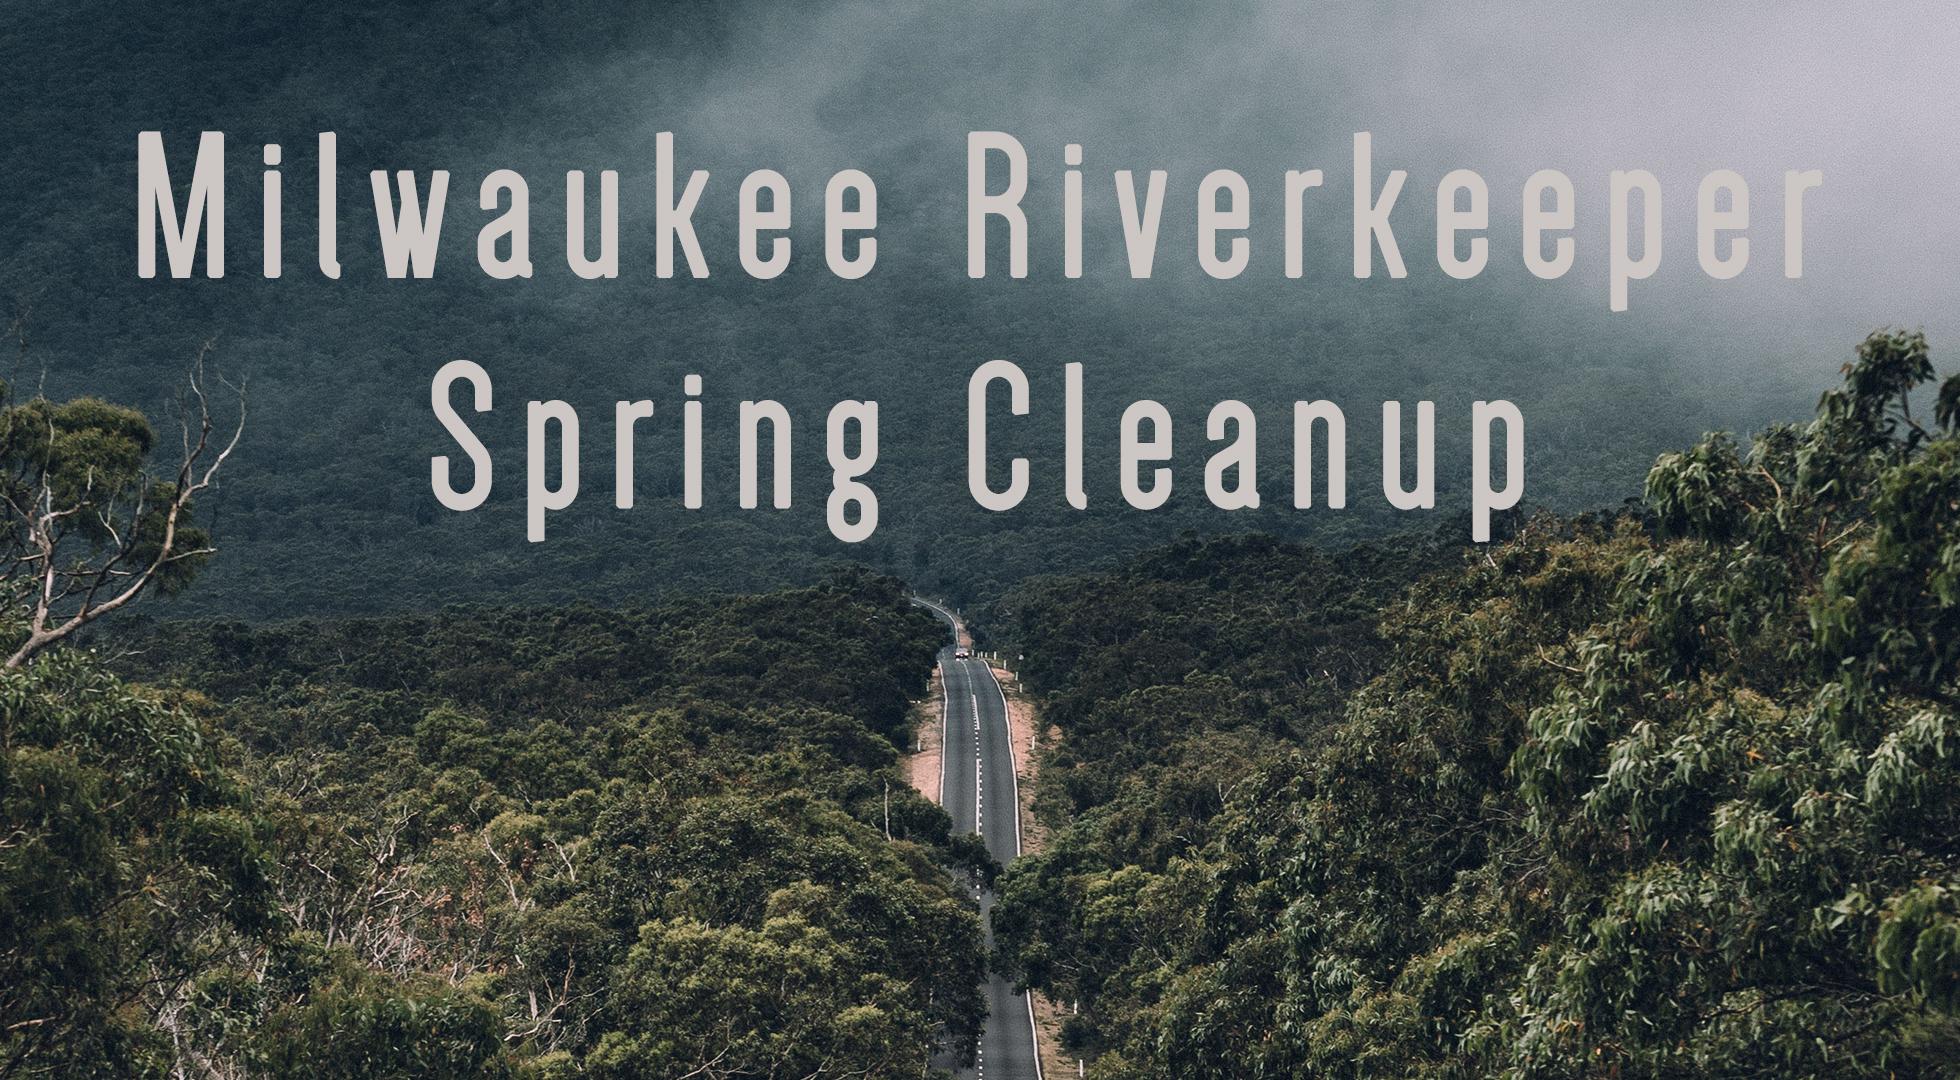 Milwaukee Riverkeeper Spring Cleanup Vineyard.jpg